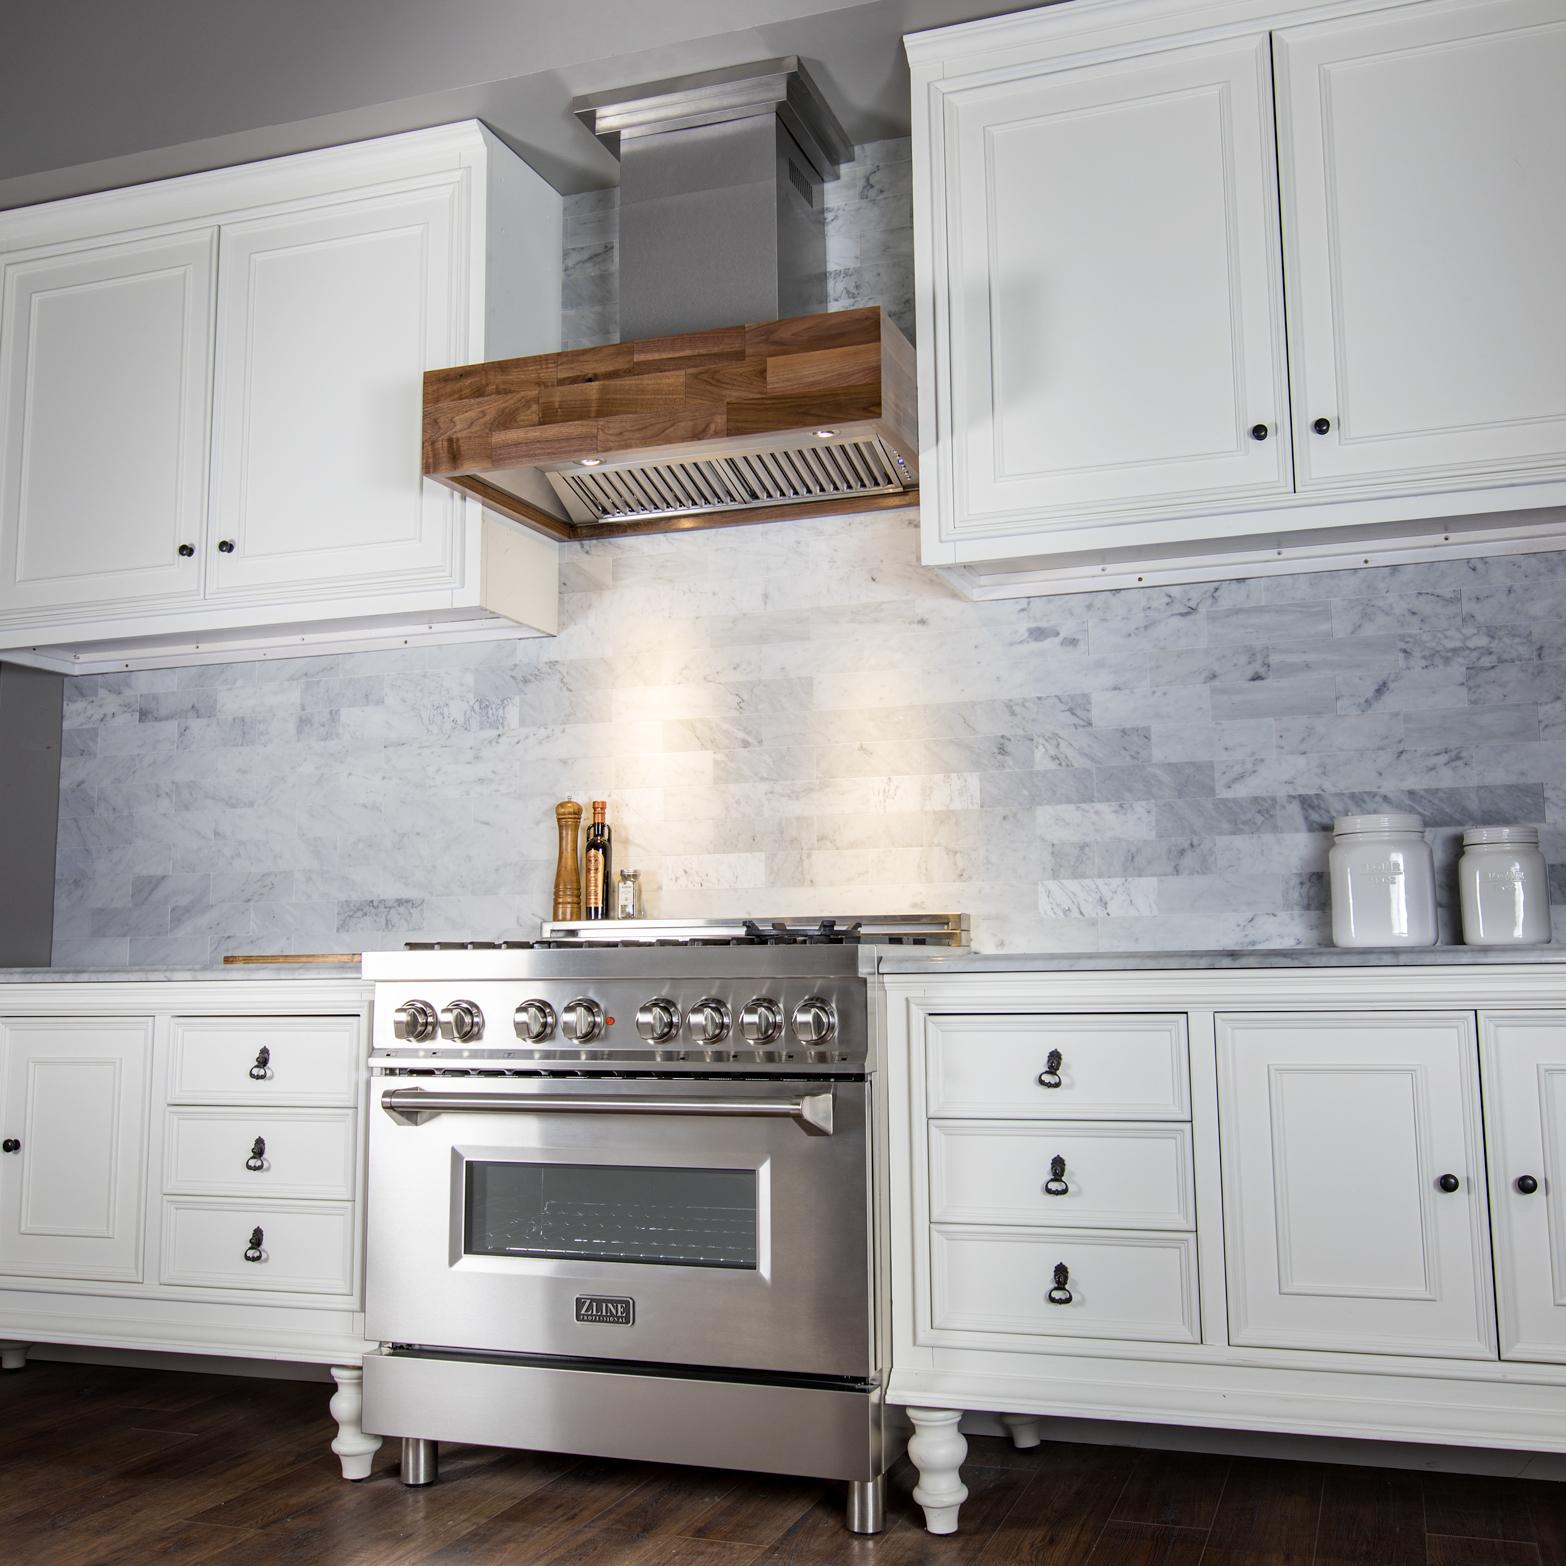 zline-designer-wood-range-hood-681W-kitchen-2.jpg